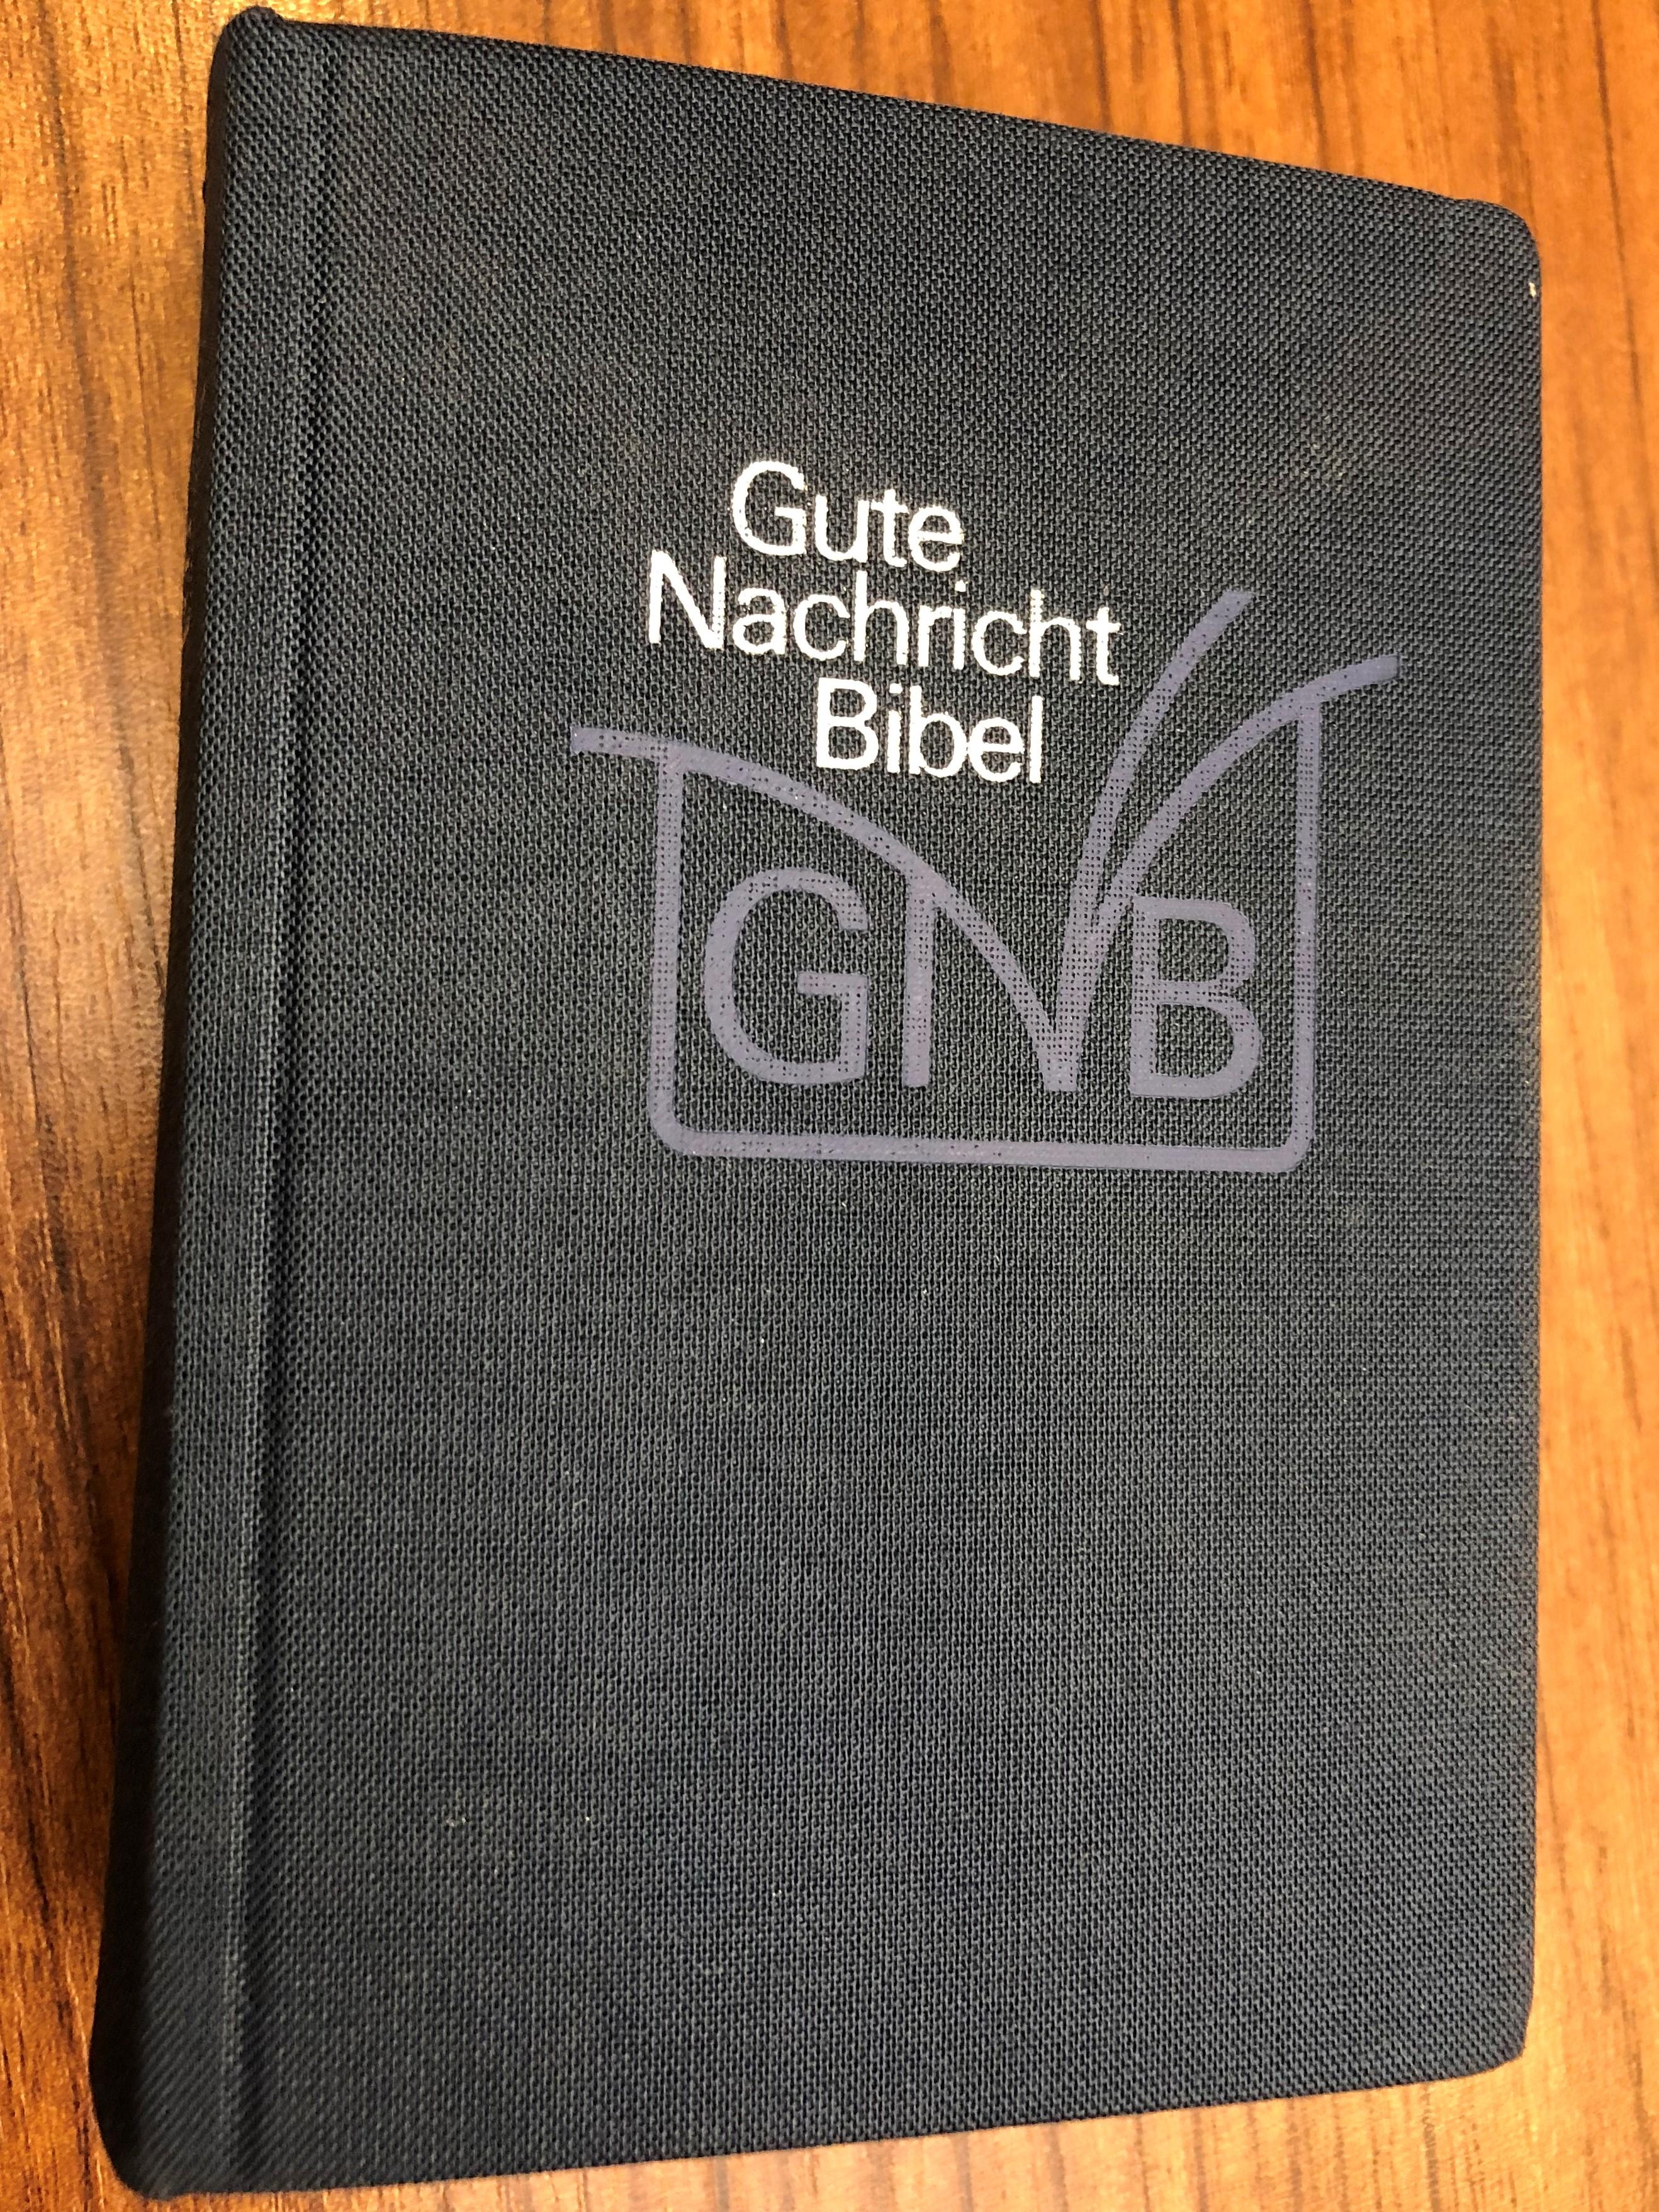 -gute-nachricht-bibel-altes-und-neues-testament-german-language-good-news-bible-with-deuterocanonical-books-mit-apokryphen-deutsche-bibelgesellschaft-2005-compact-size-with-color-maps-1-.jpg